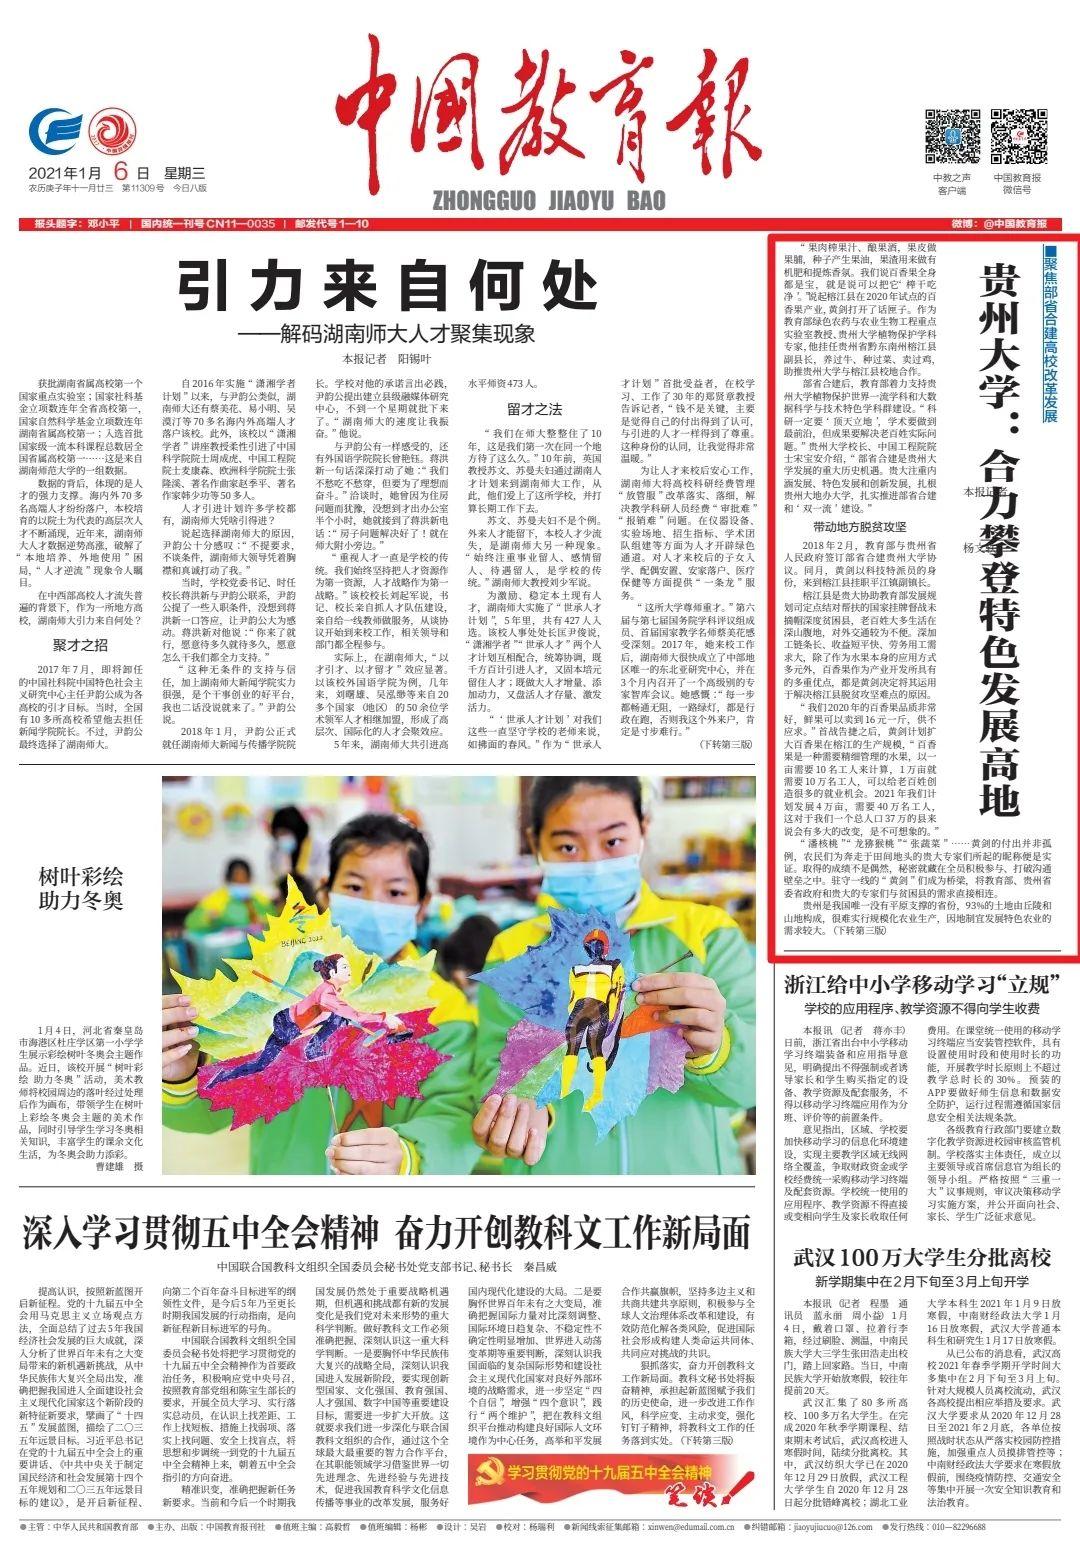 《中国教育报》头版报道贵州大学合力攀登特色发展高地图片